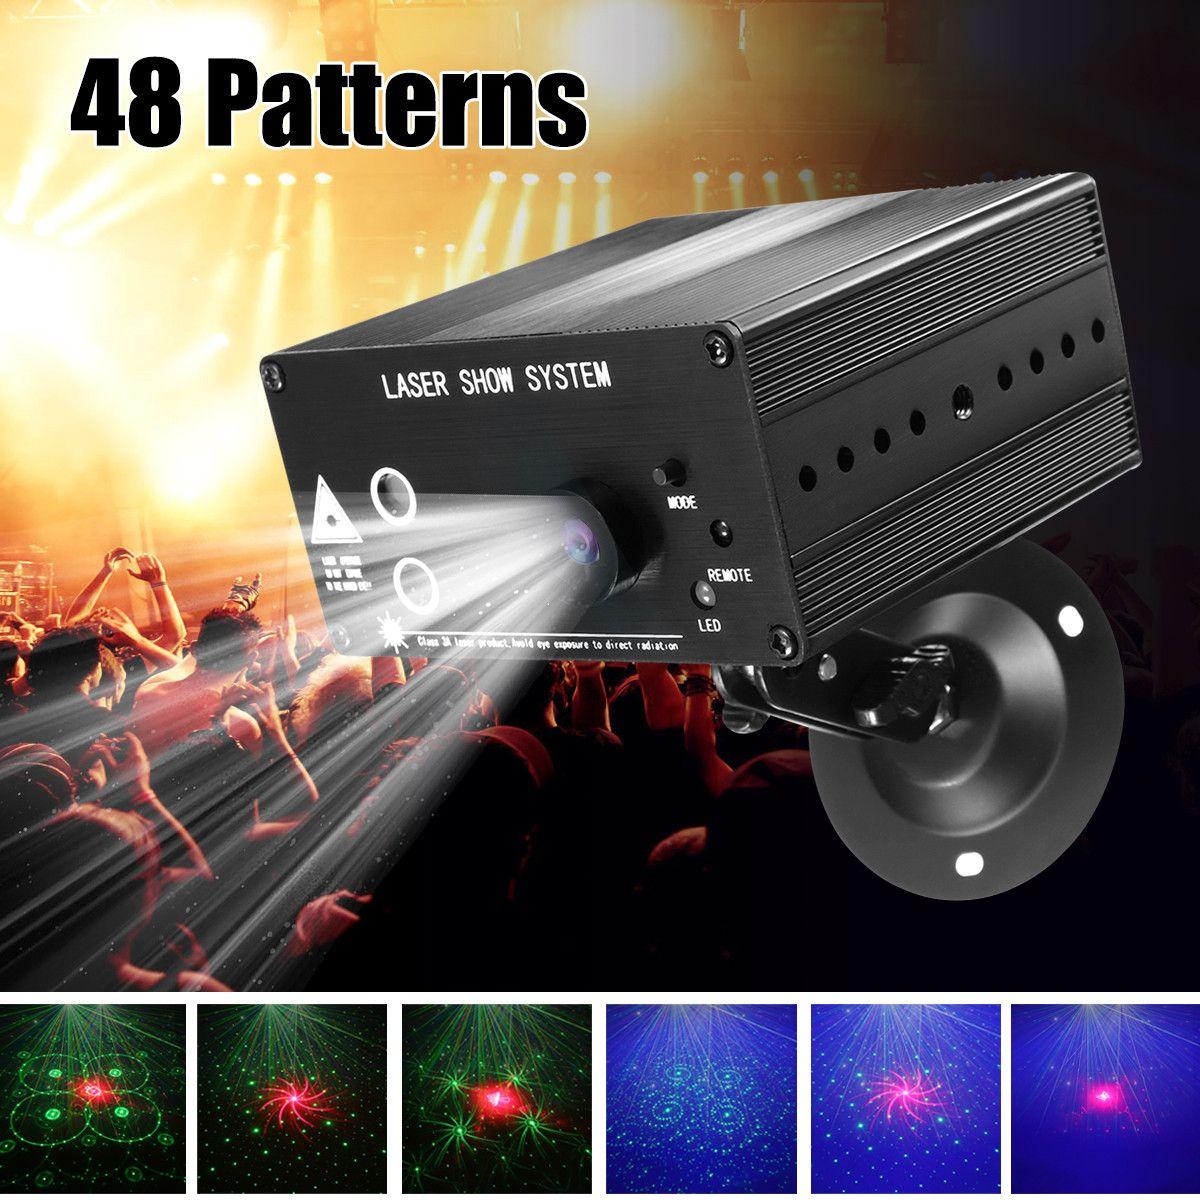 بالألوان الكاملة ، 48 ، أنماط ، RGB LED ، ليزر ، إضاءة المسرح ، بروجيكتور ، RED ، أخضر ، أزرق ، LED ، DJ ، KTV ، ديسكو ، Light ، نظام عرض ليزر ، 110-240V